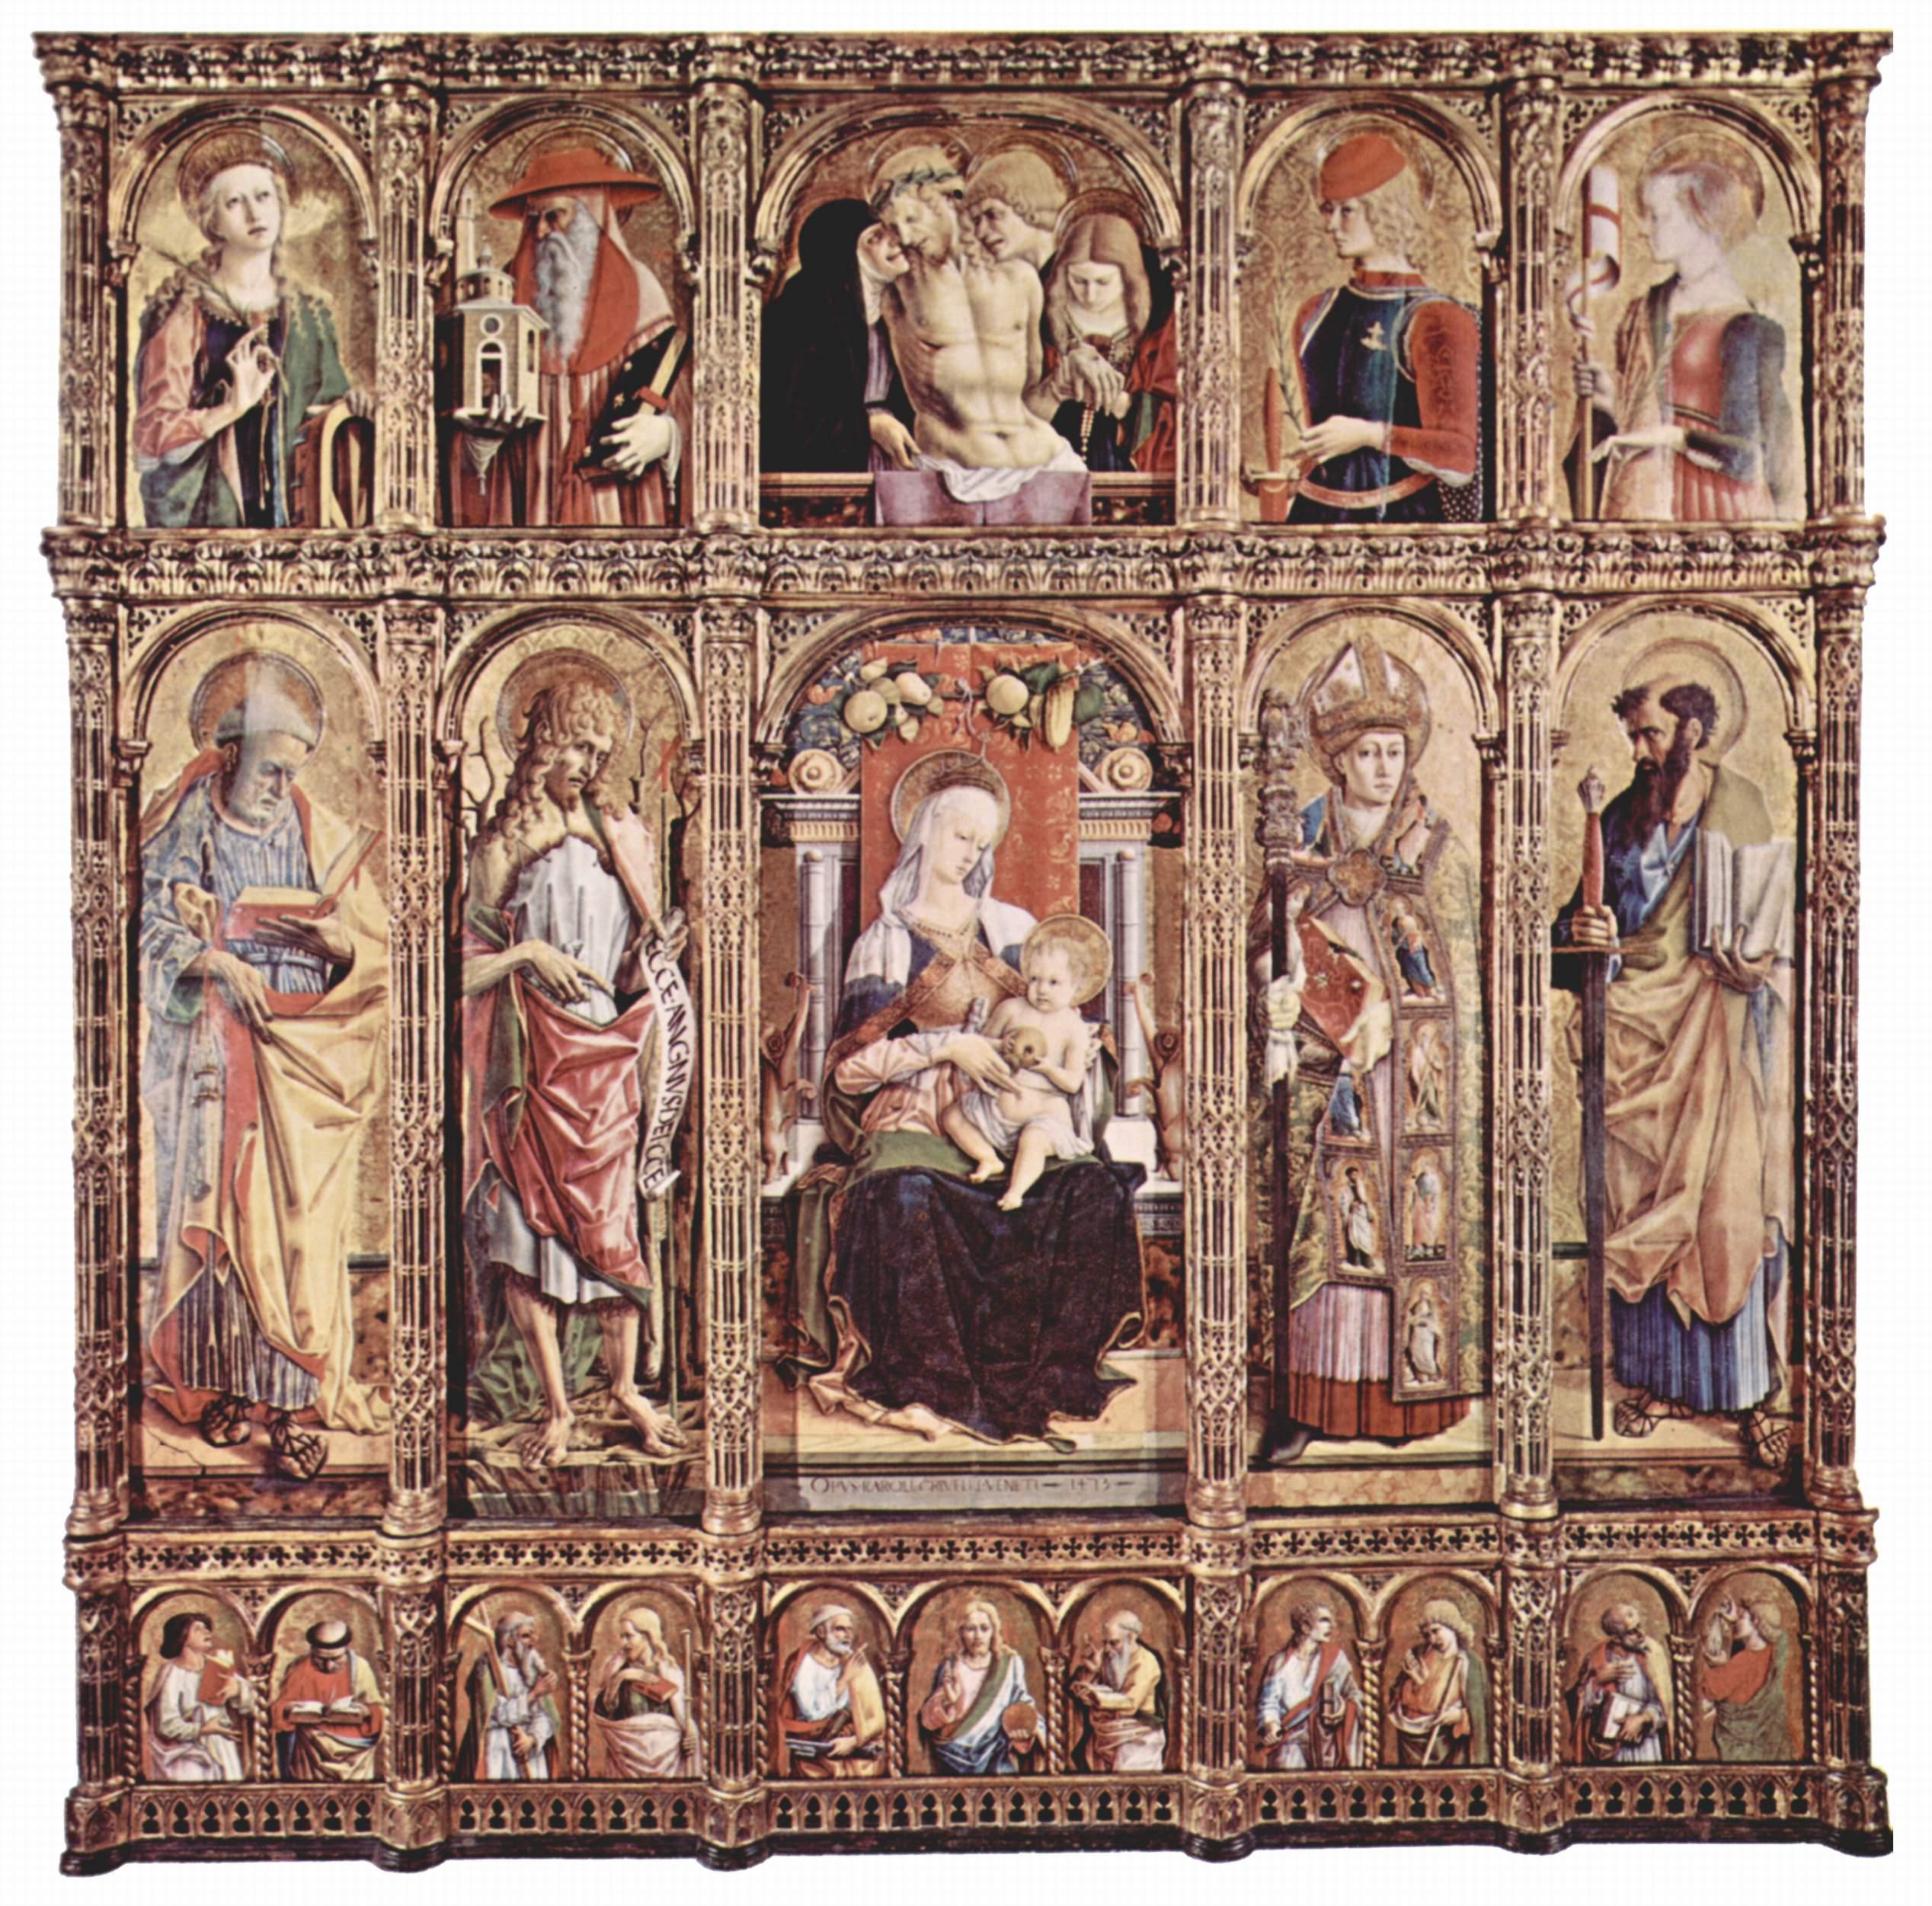 Центральный алтарь кафедрального собора в Асколи, полиптих, общий вид, центральная часть  Мадонна на троне, Карло Кривелли